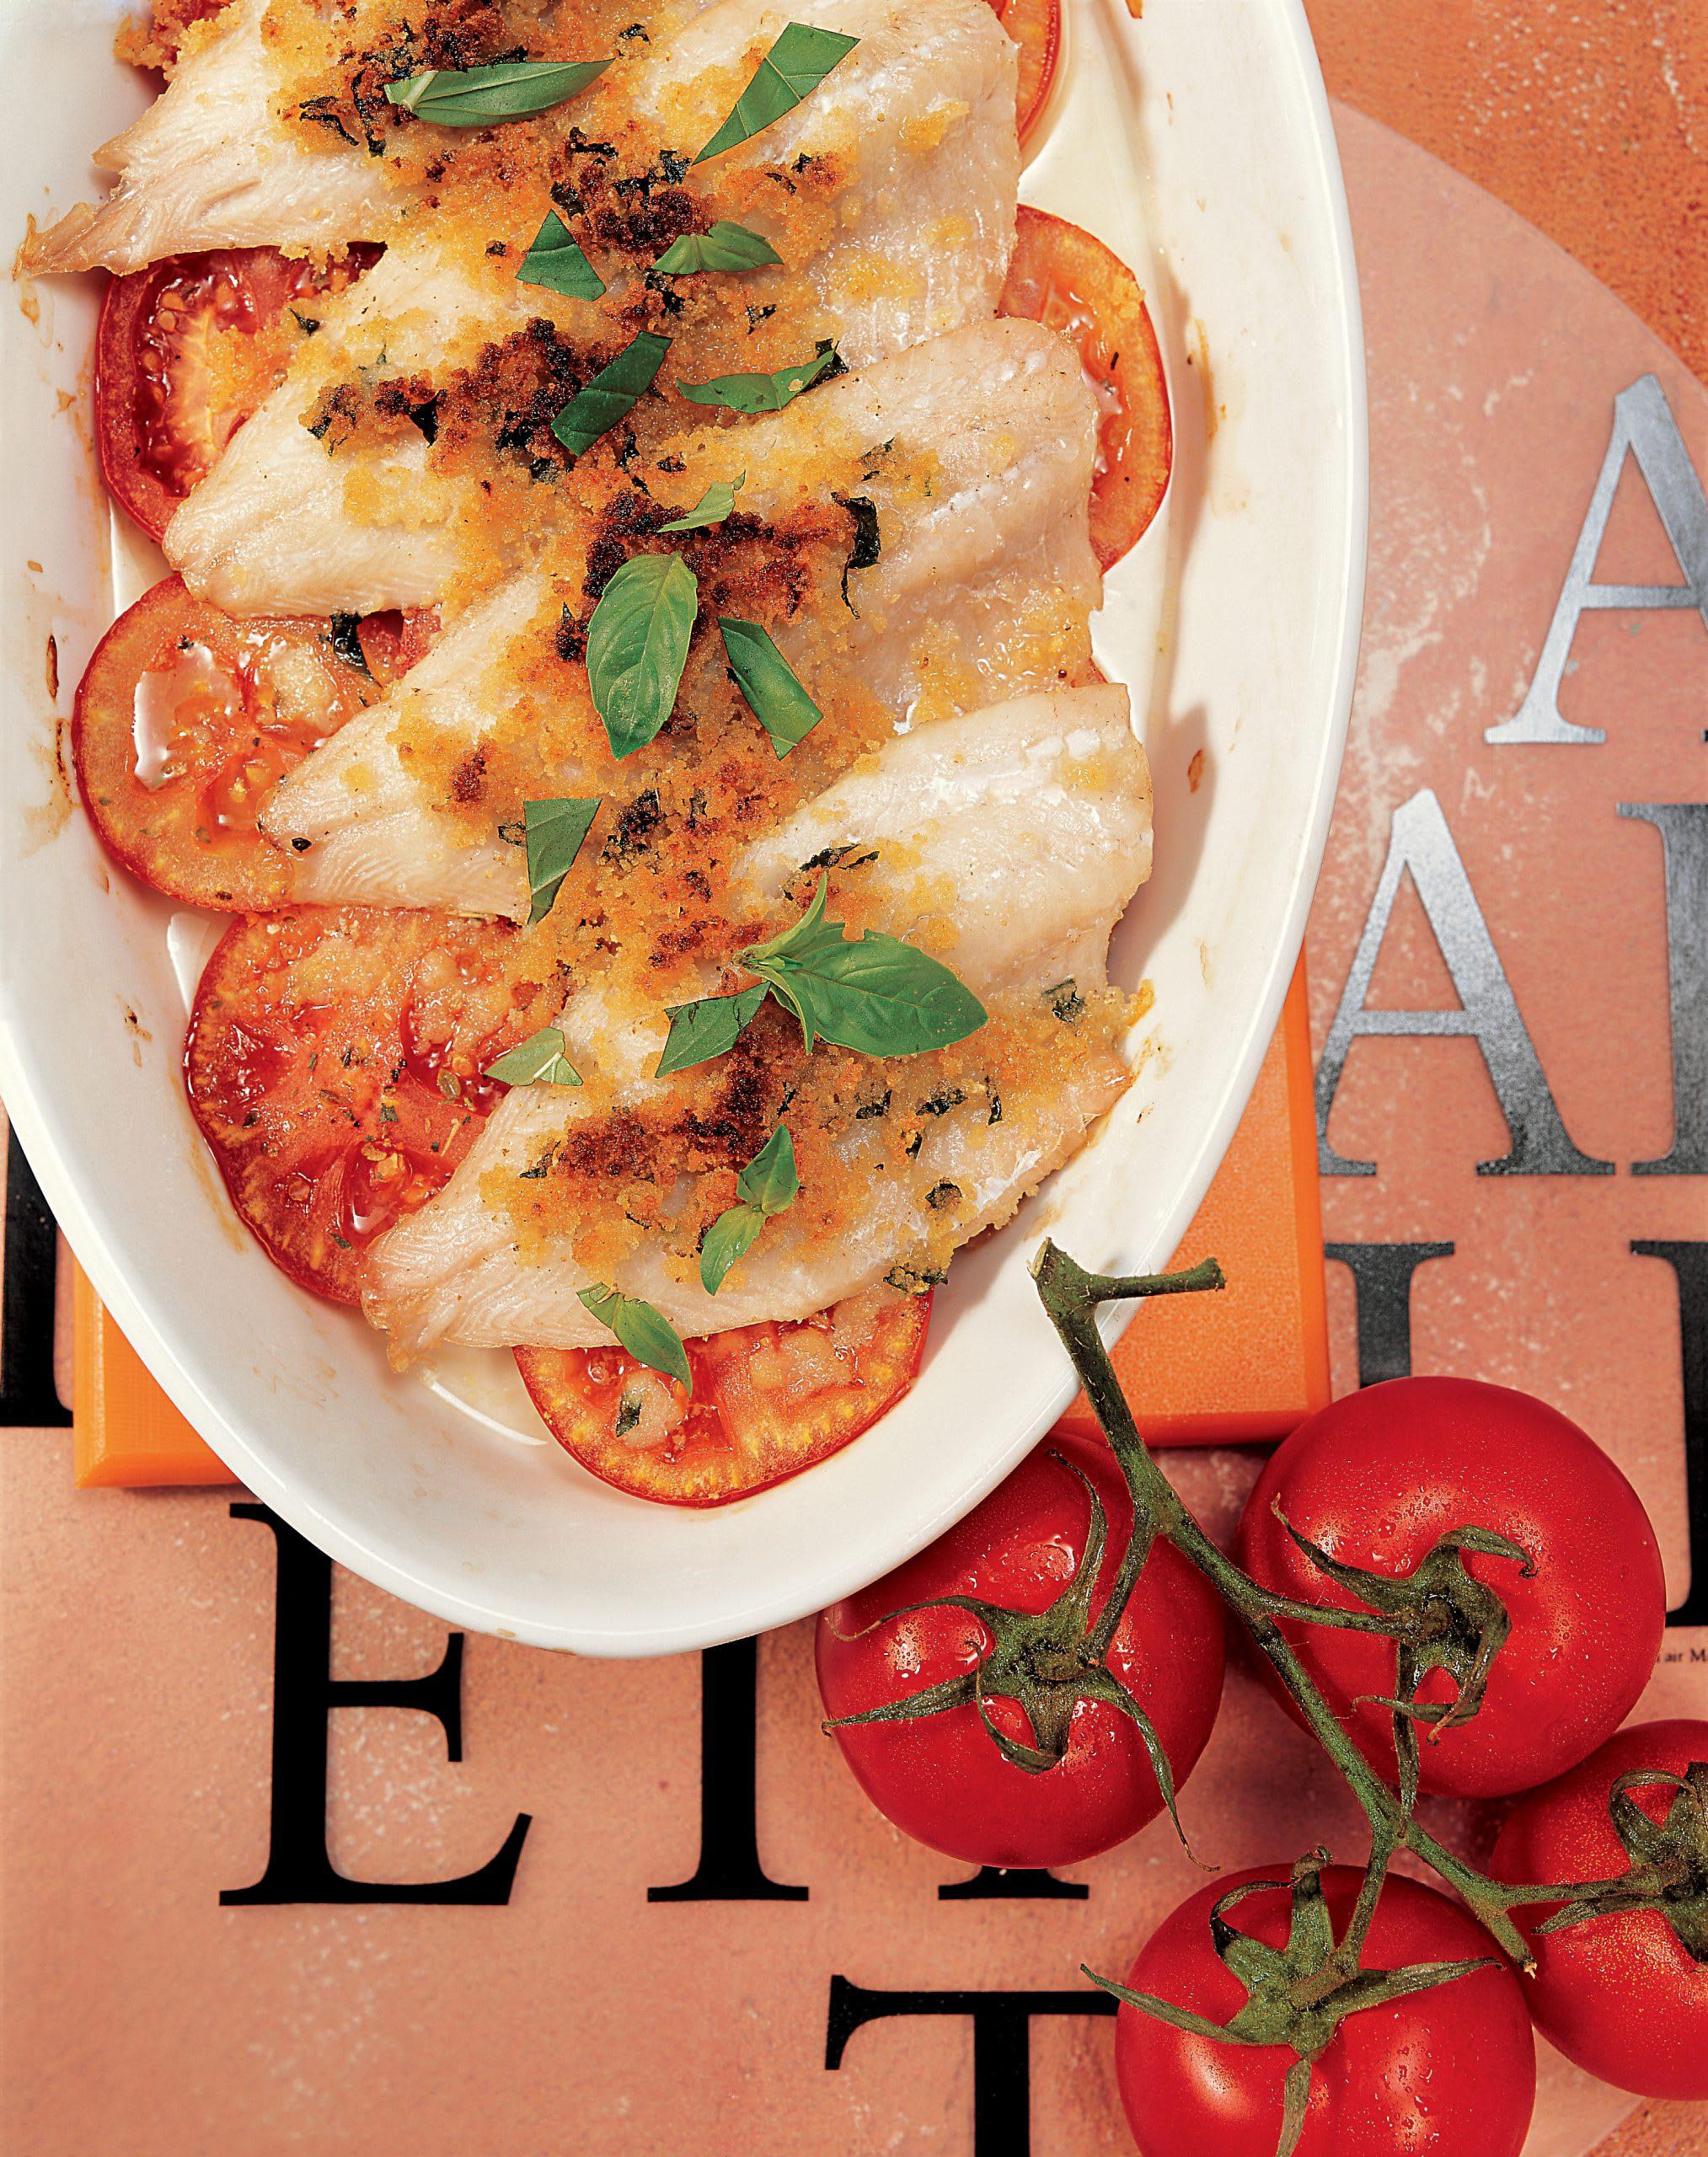 Gratin de poisson et de tomates au fromage (low carb)